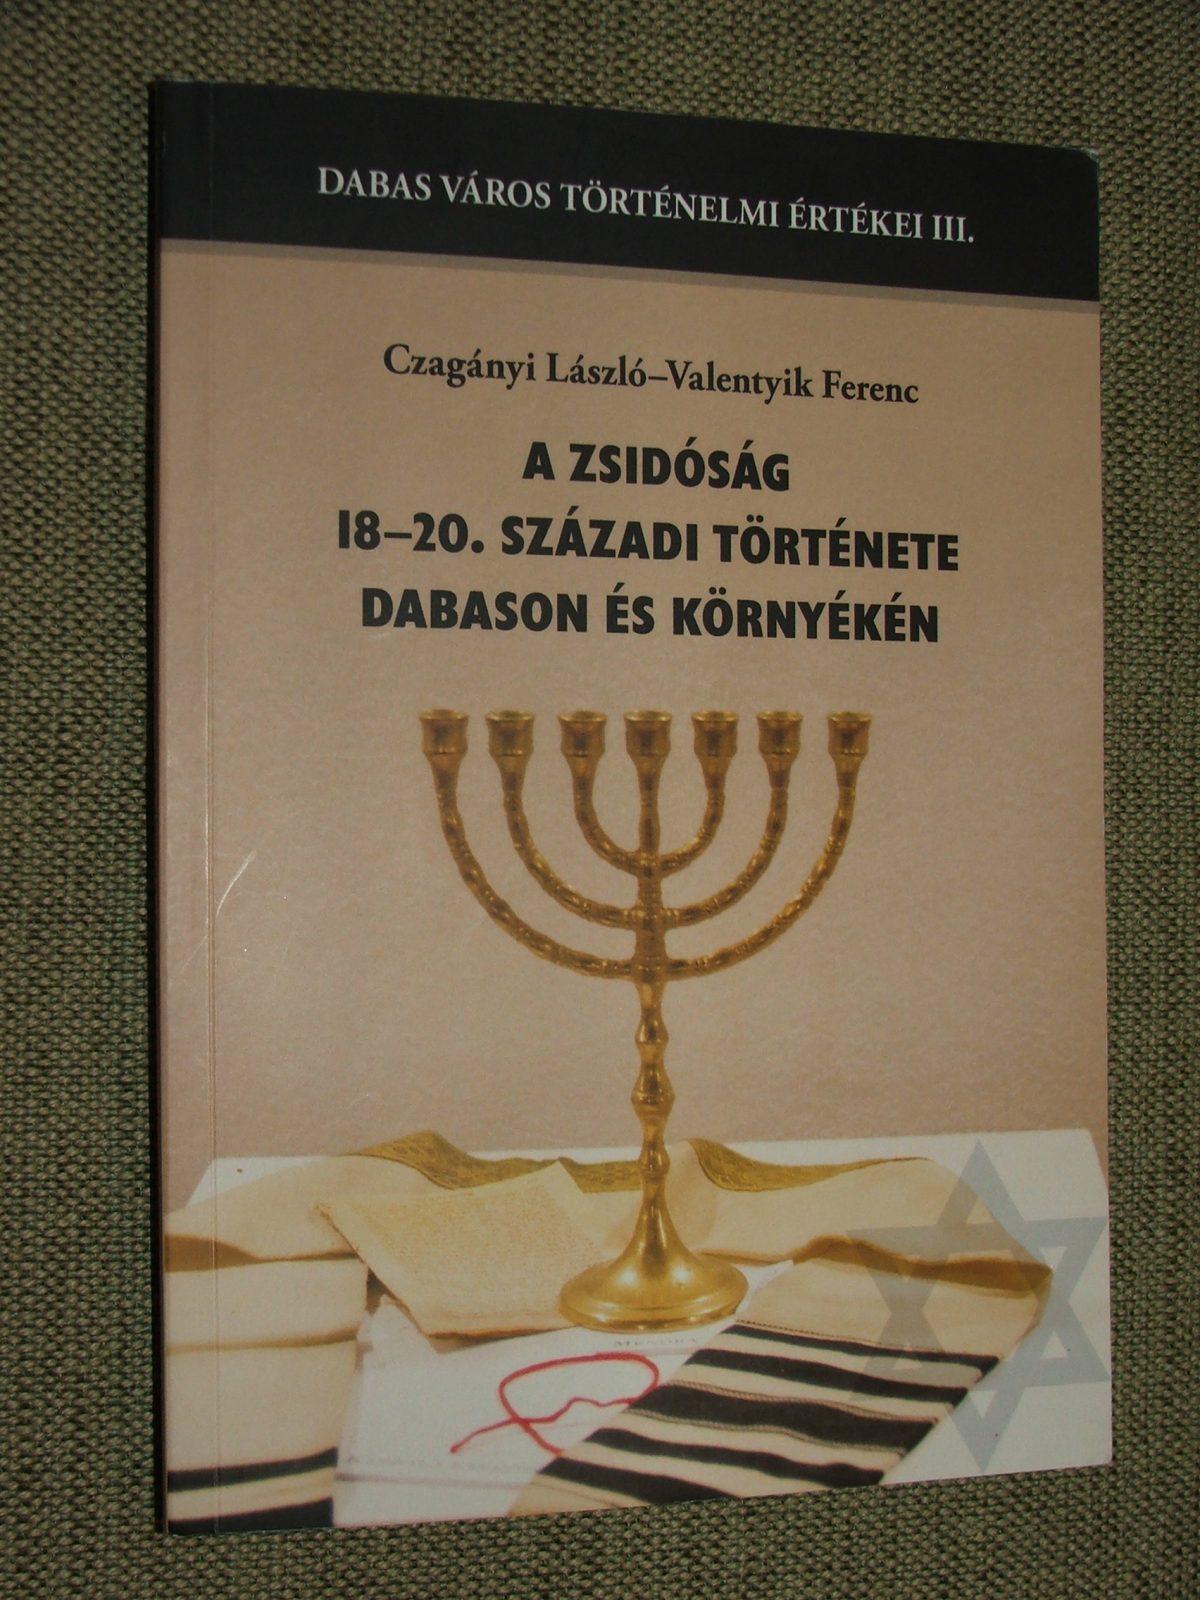 CZAGÁNYI László – VALENTYIK Ferenc: A zsidóság 18-20. századi története Dabason és környékén